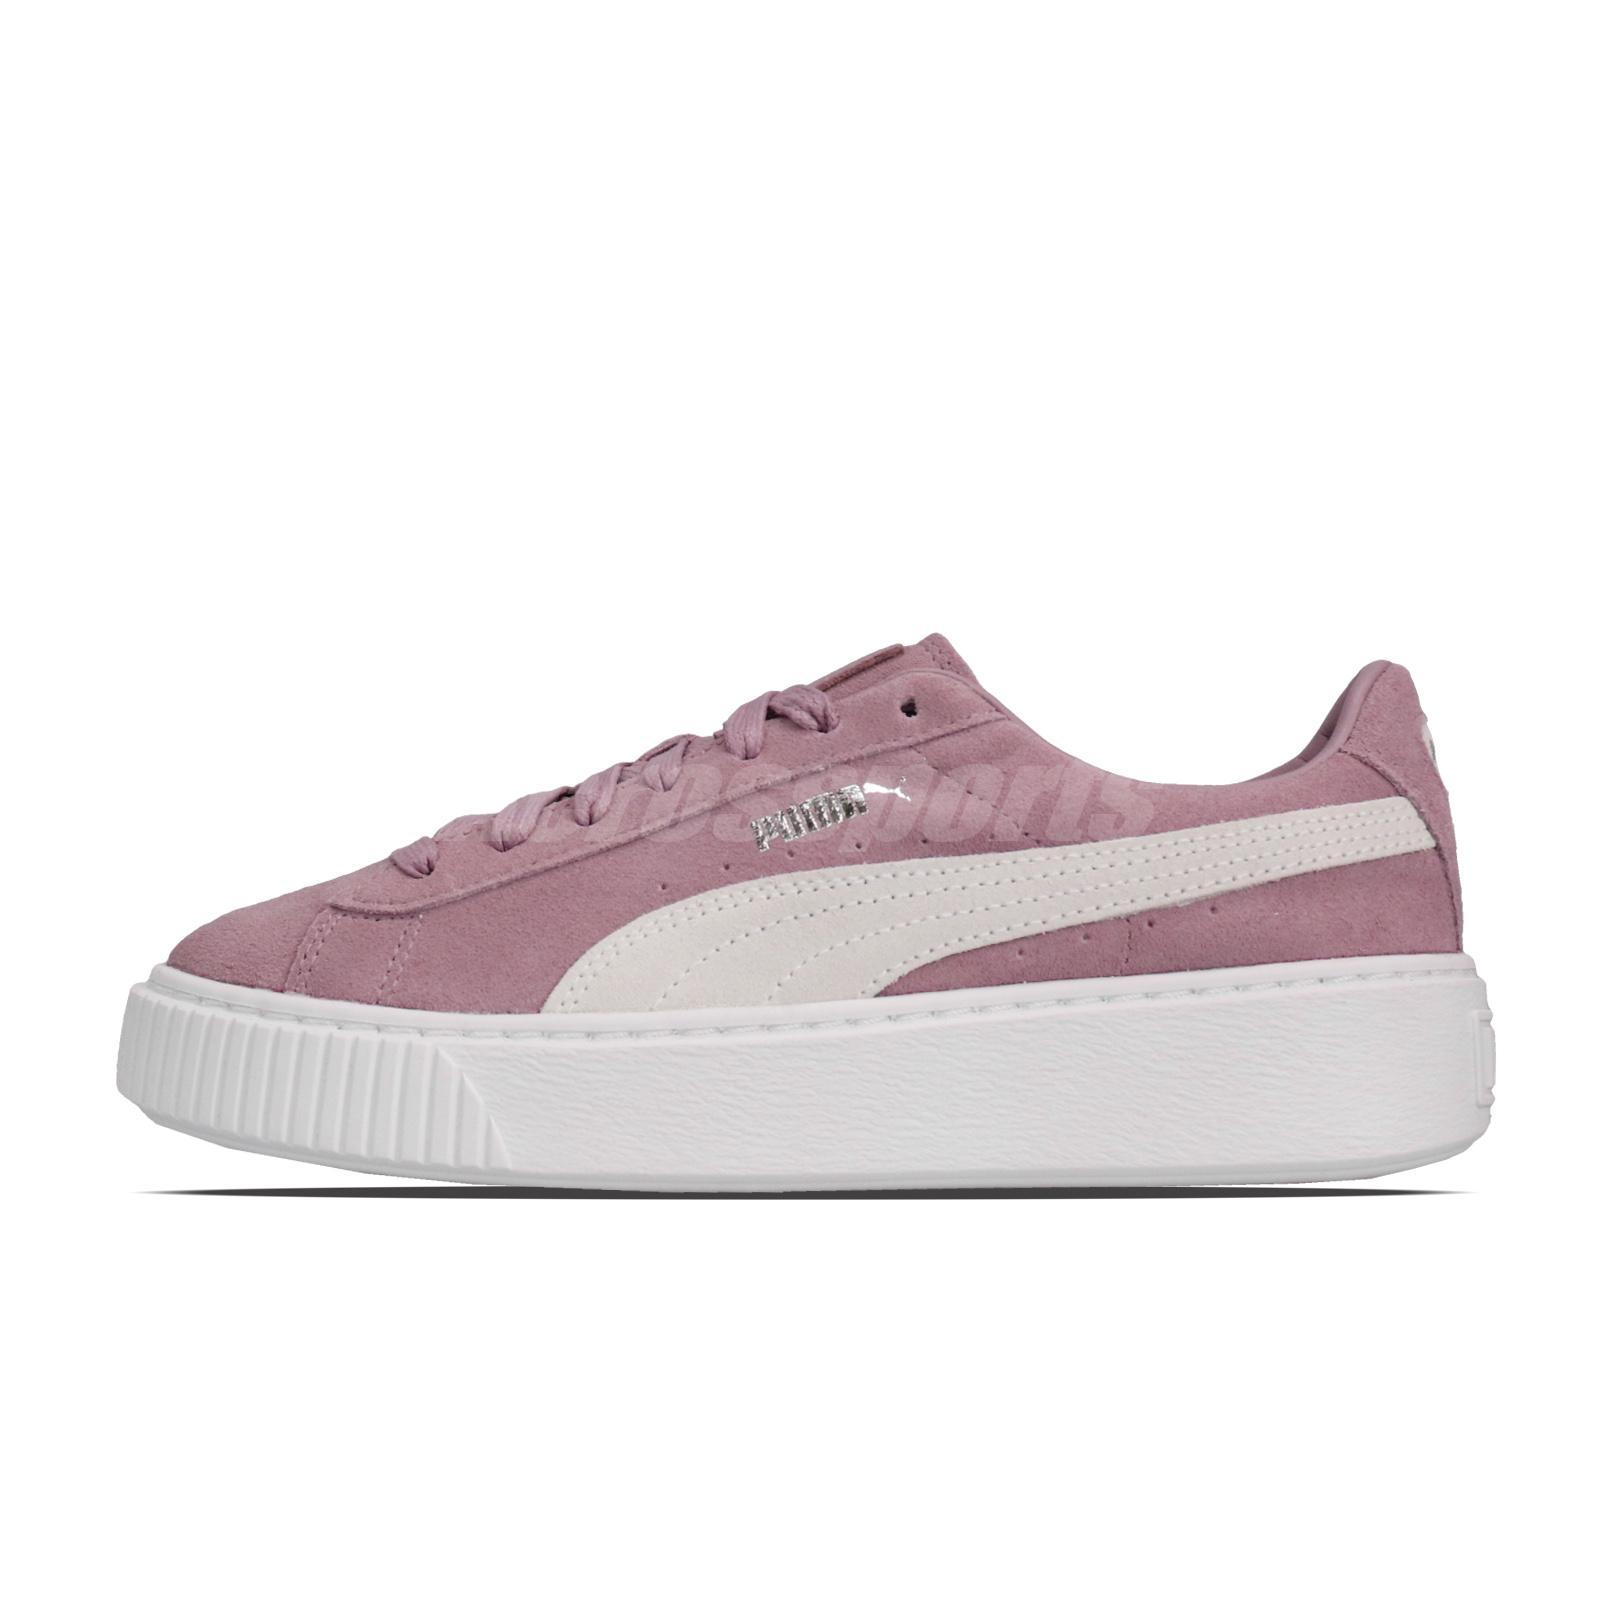 sports shoes ece71 21d09 Details about Puma Suede Platform Elderberry Purple Womens Casual Shoes  362223-11